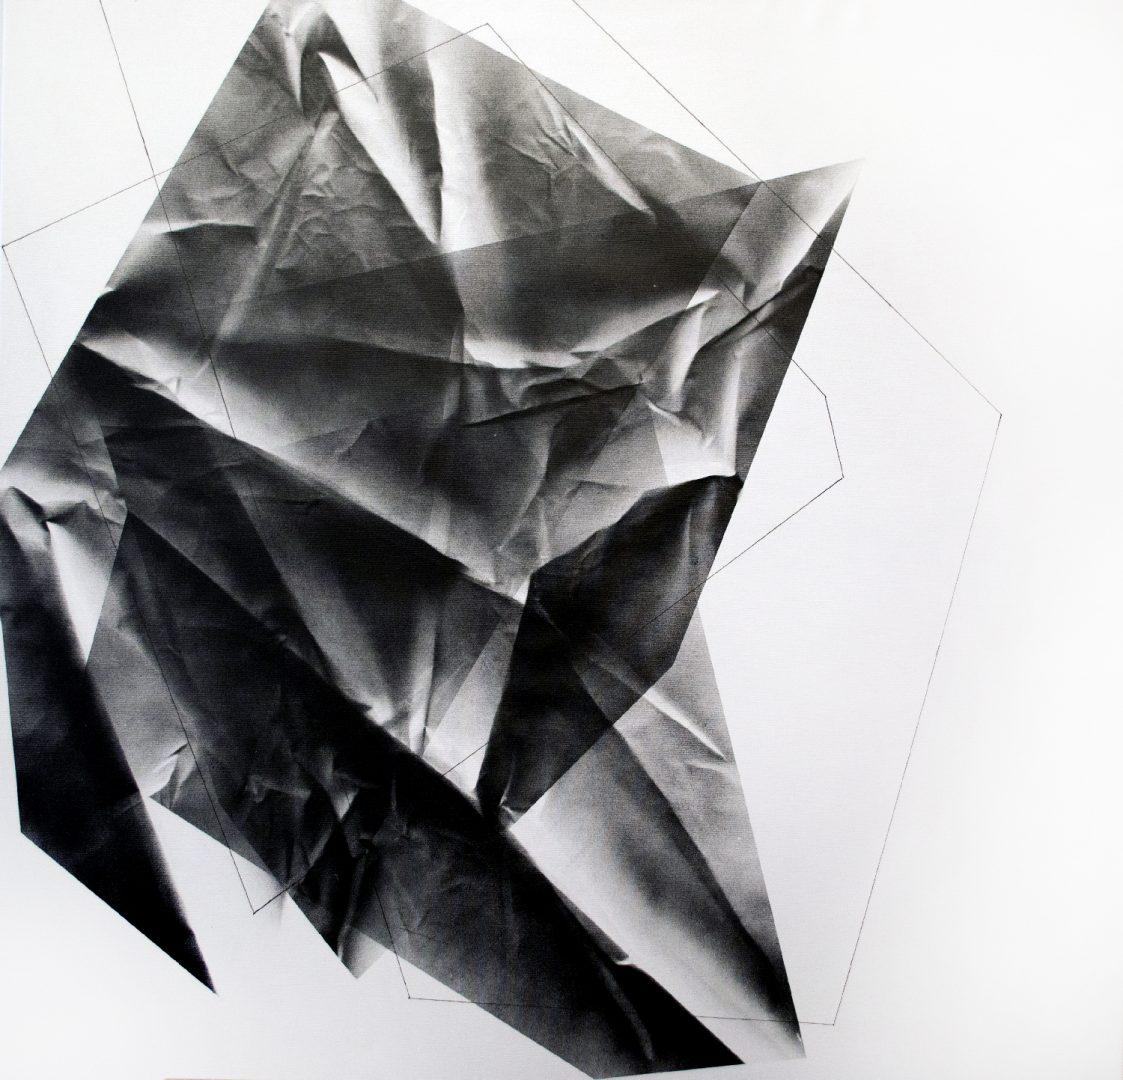 op230119. acrylic on canvcas 100x100cm